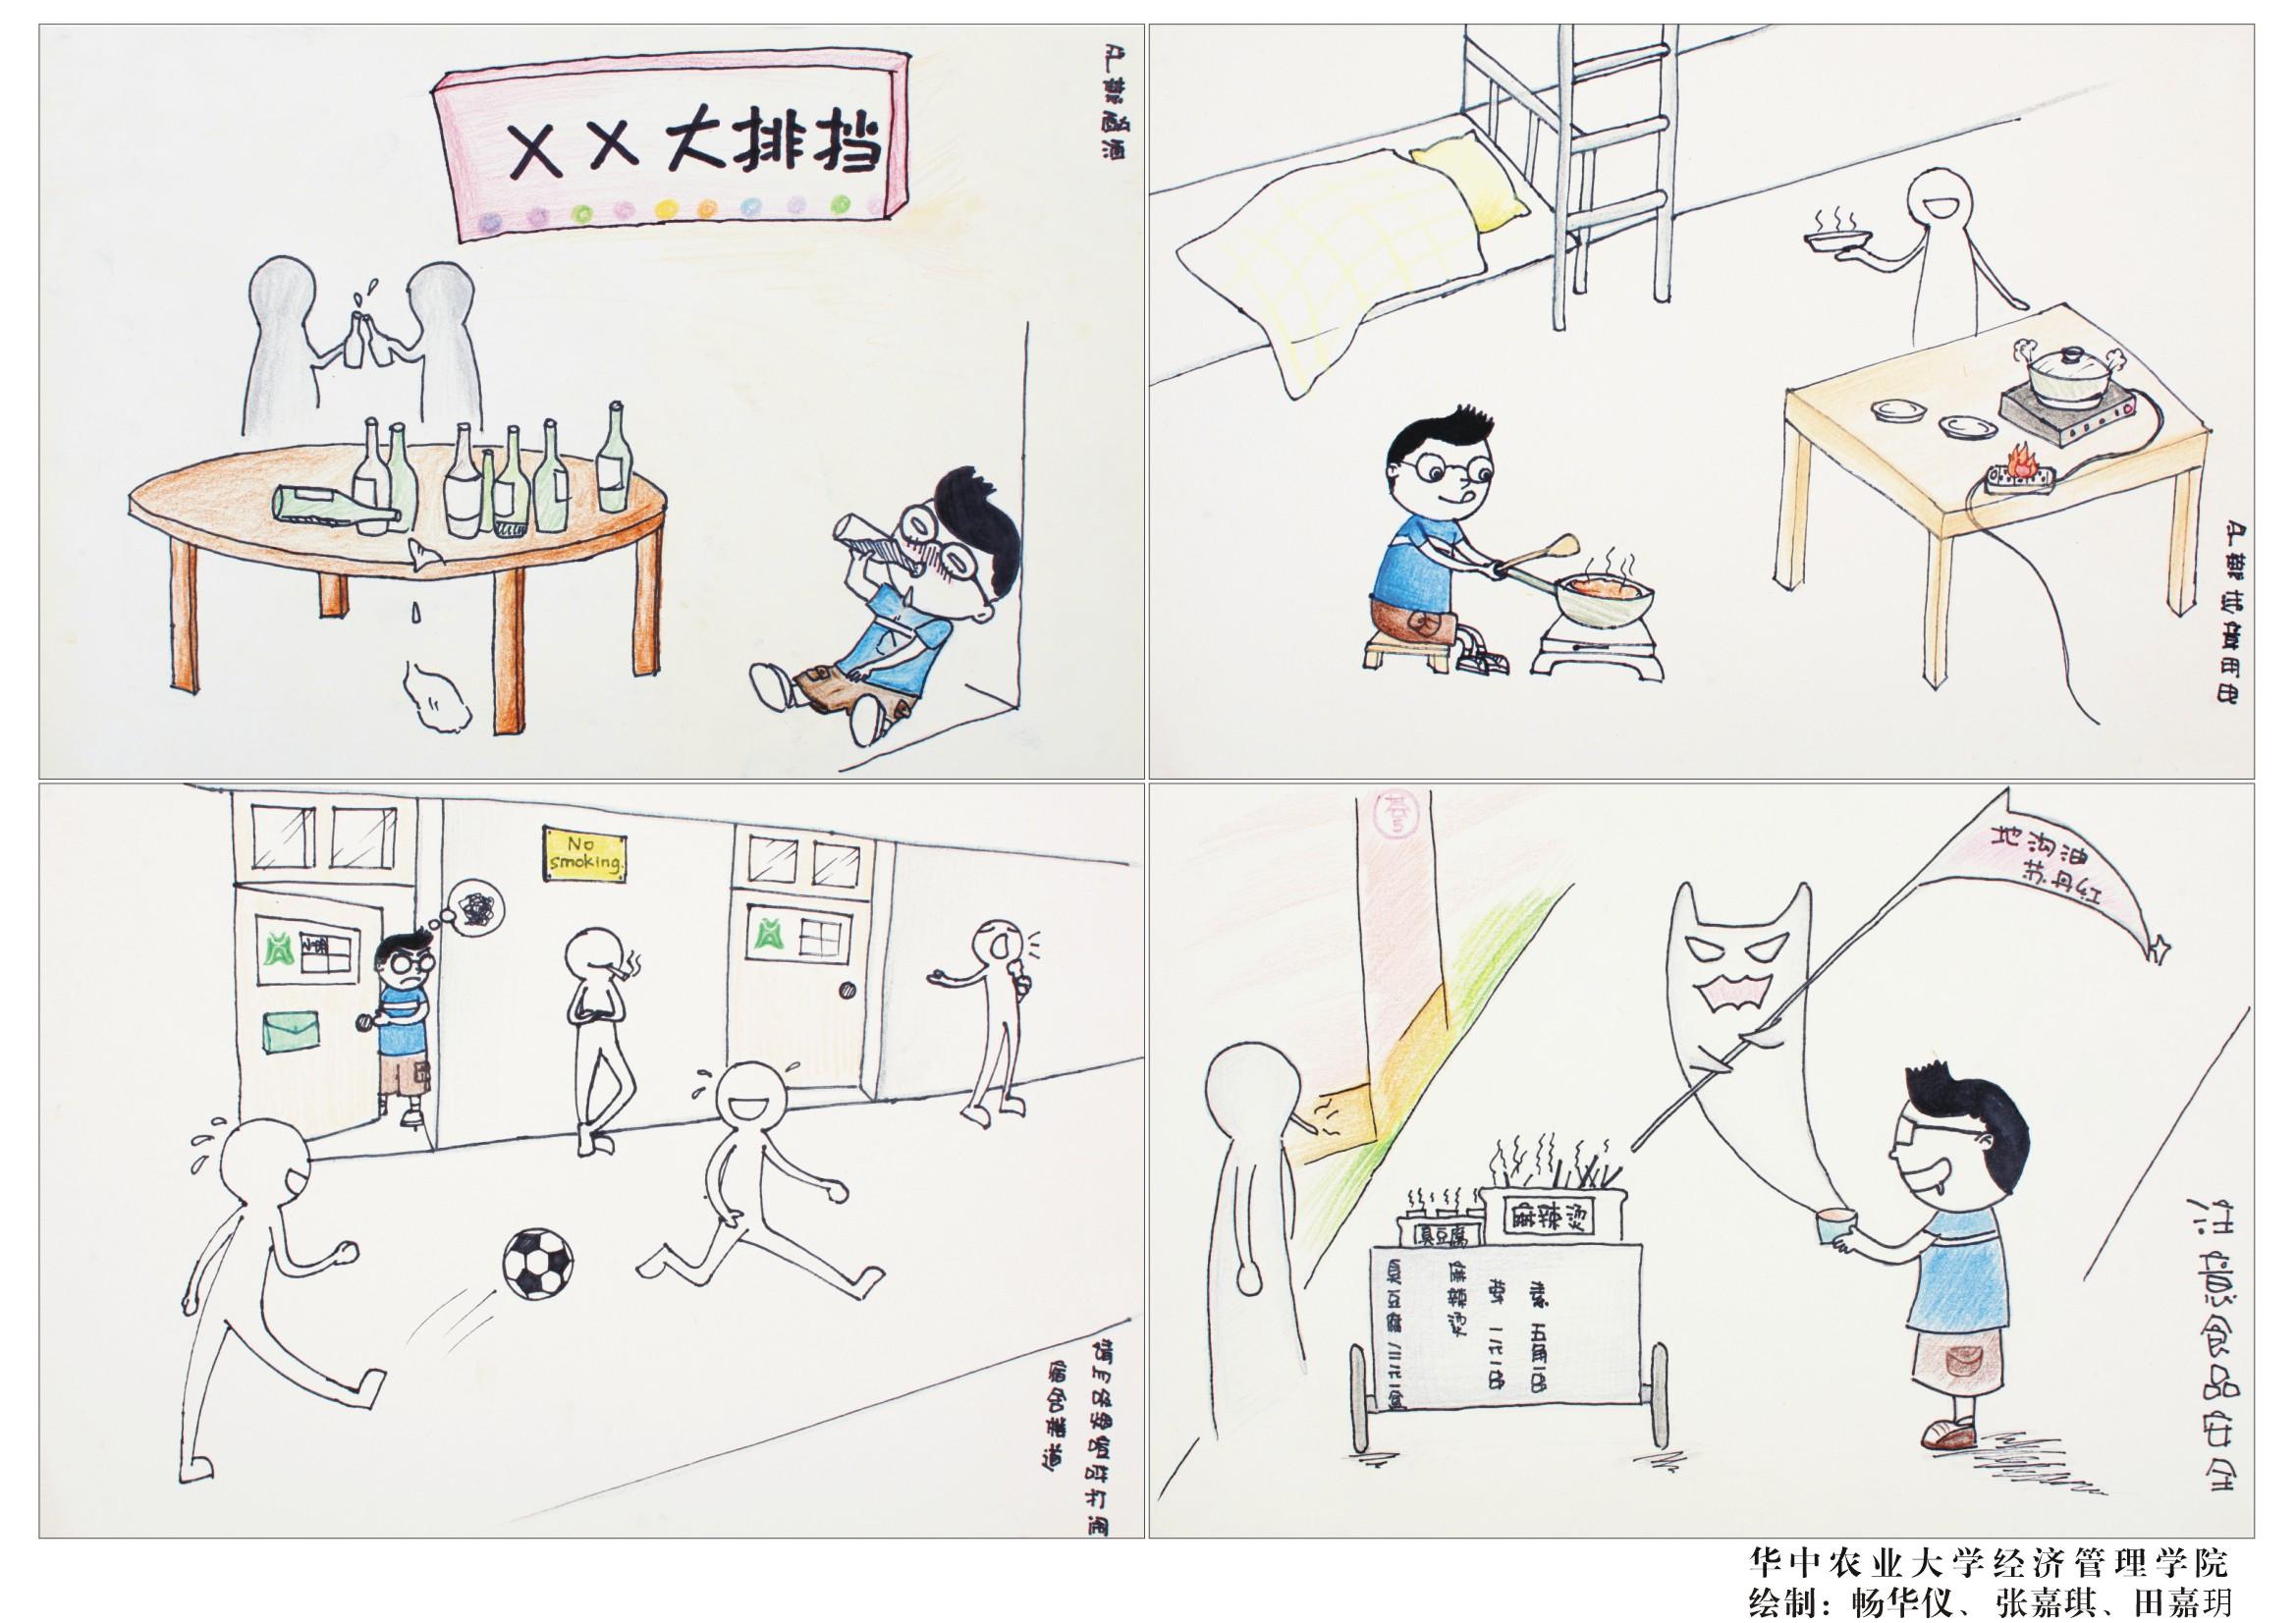 經管院學生手繪安全主題漫畫